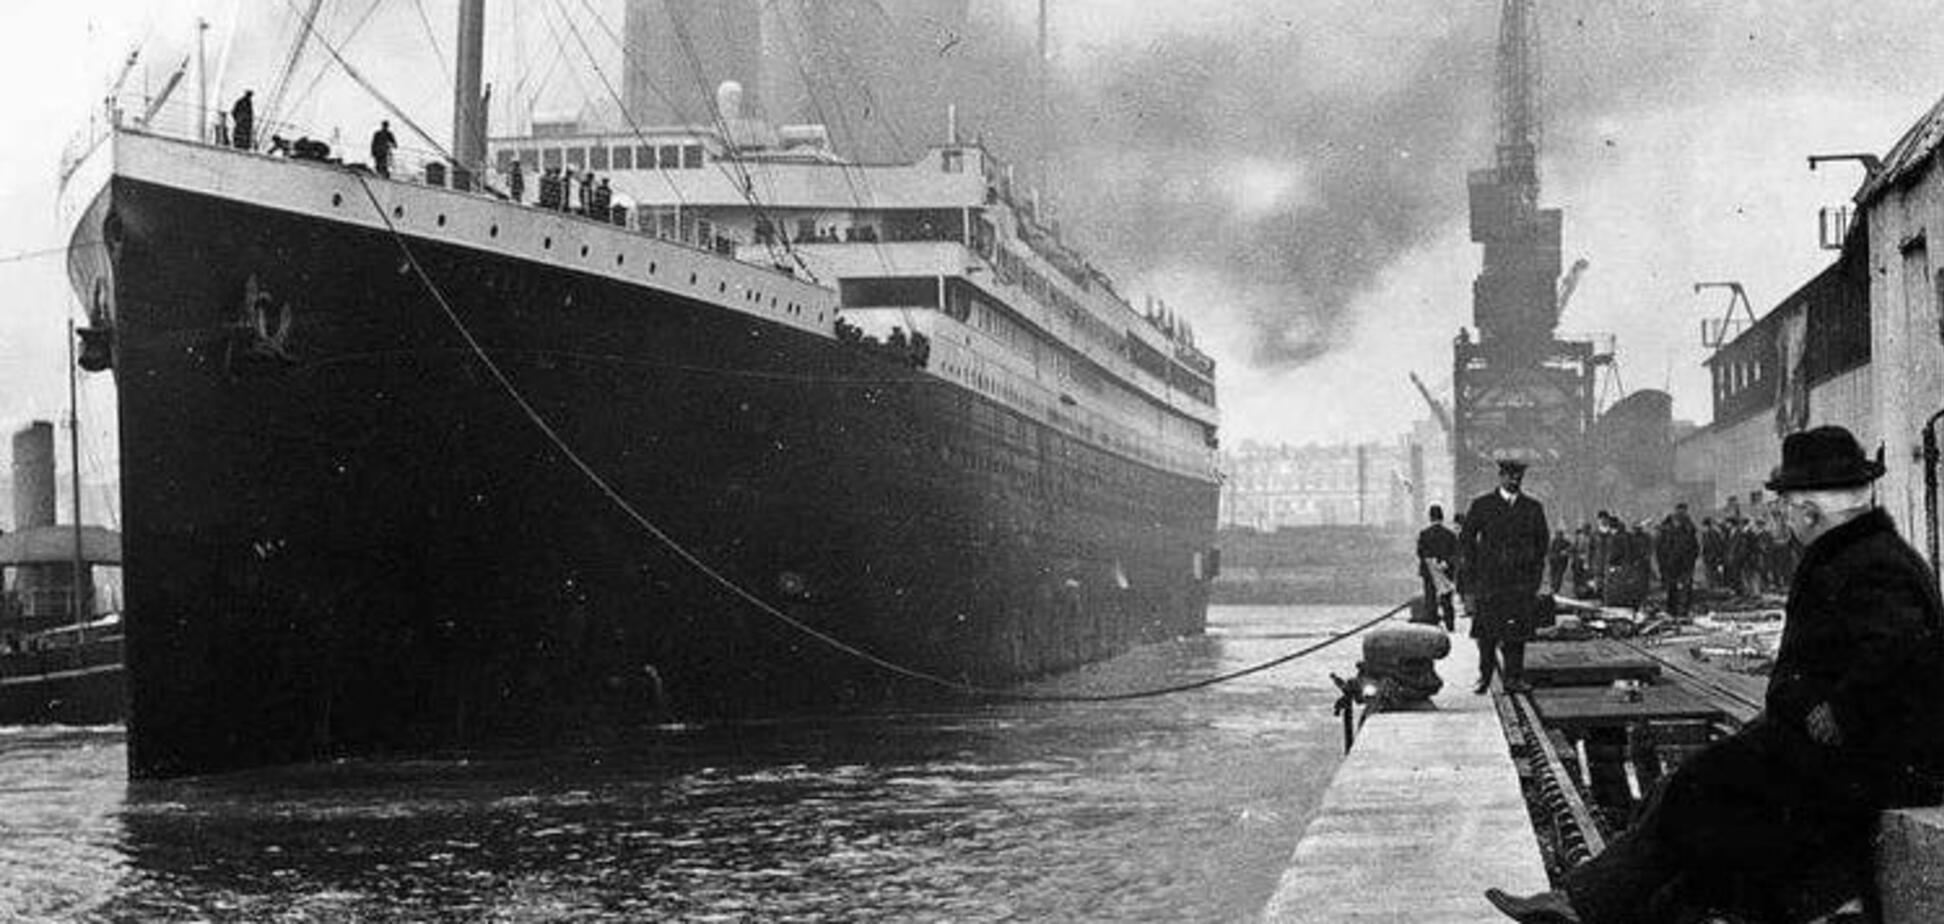 Секреты 'Титаника': малоизвестные факты о корабле и его пассажирах. Фото